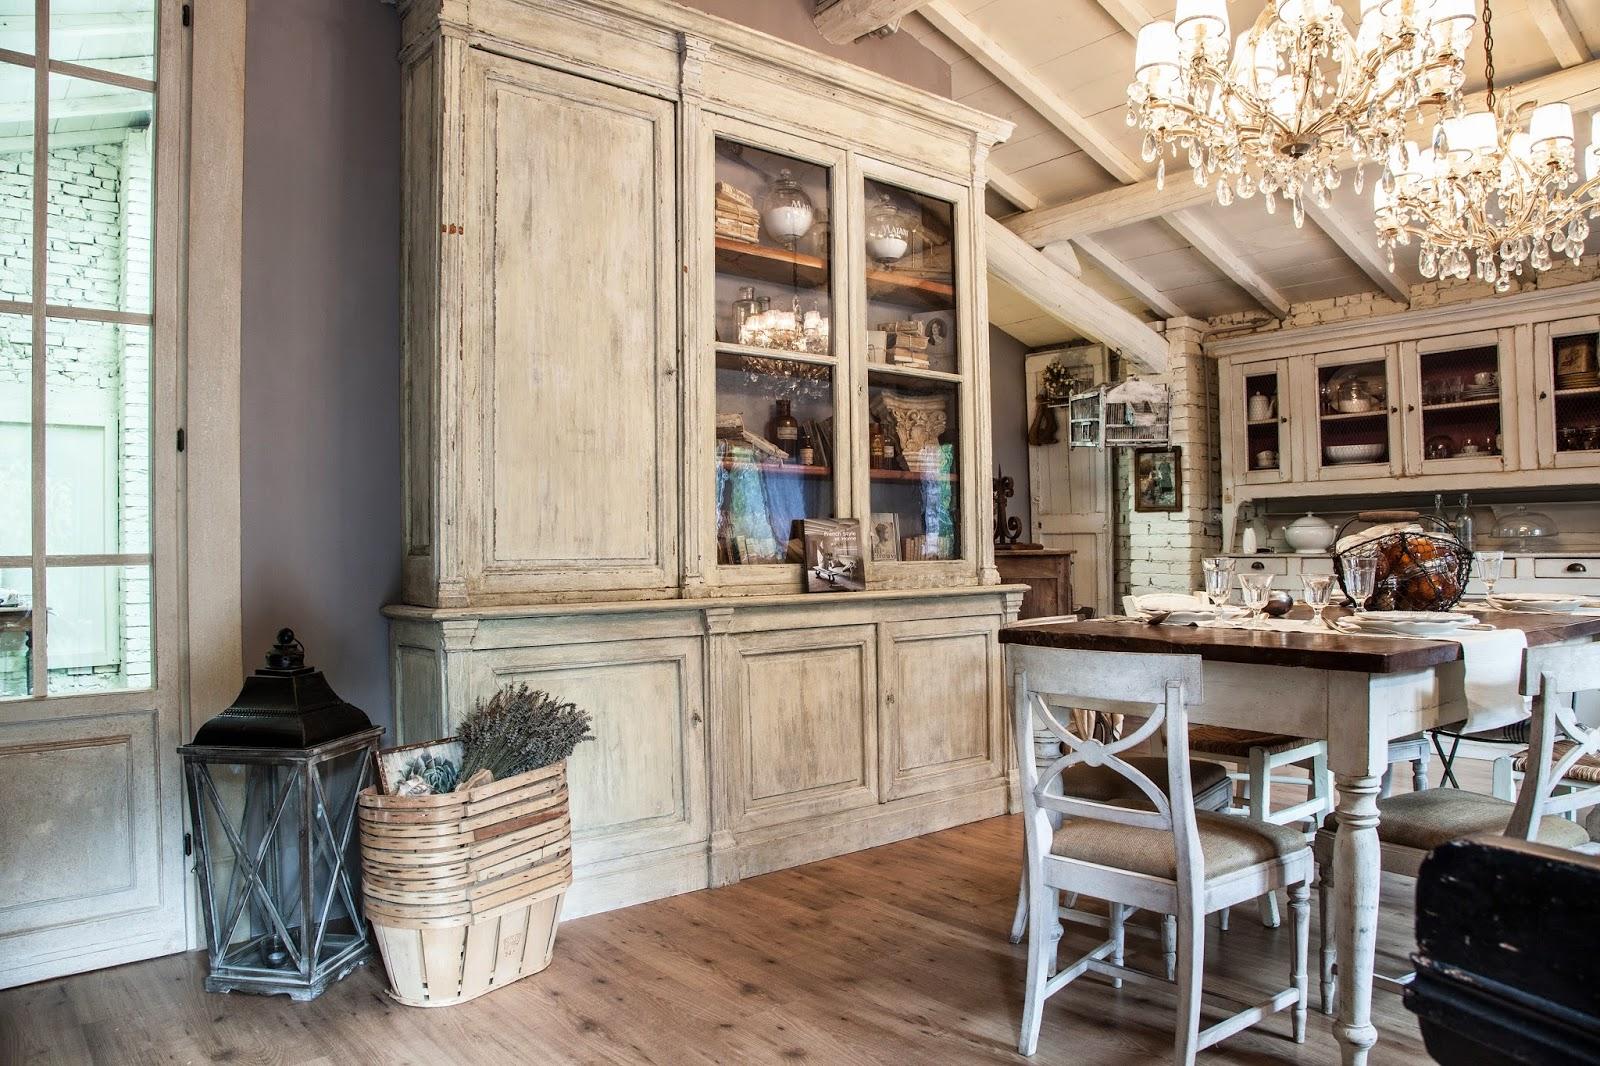 Amedeo liberatoscioli stile provenzale for Case vecchio stile costruite nuove